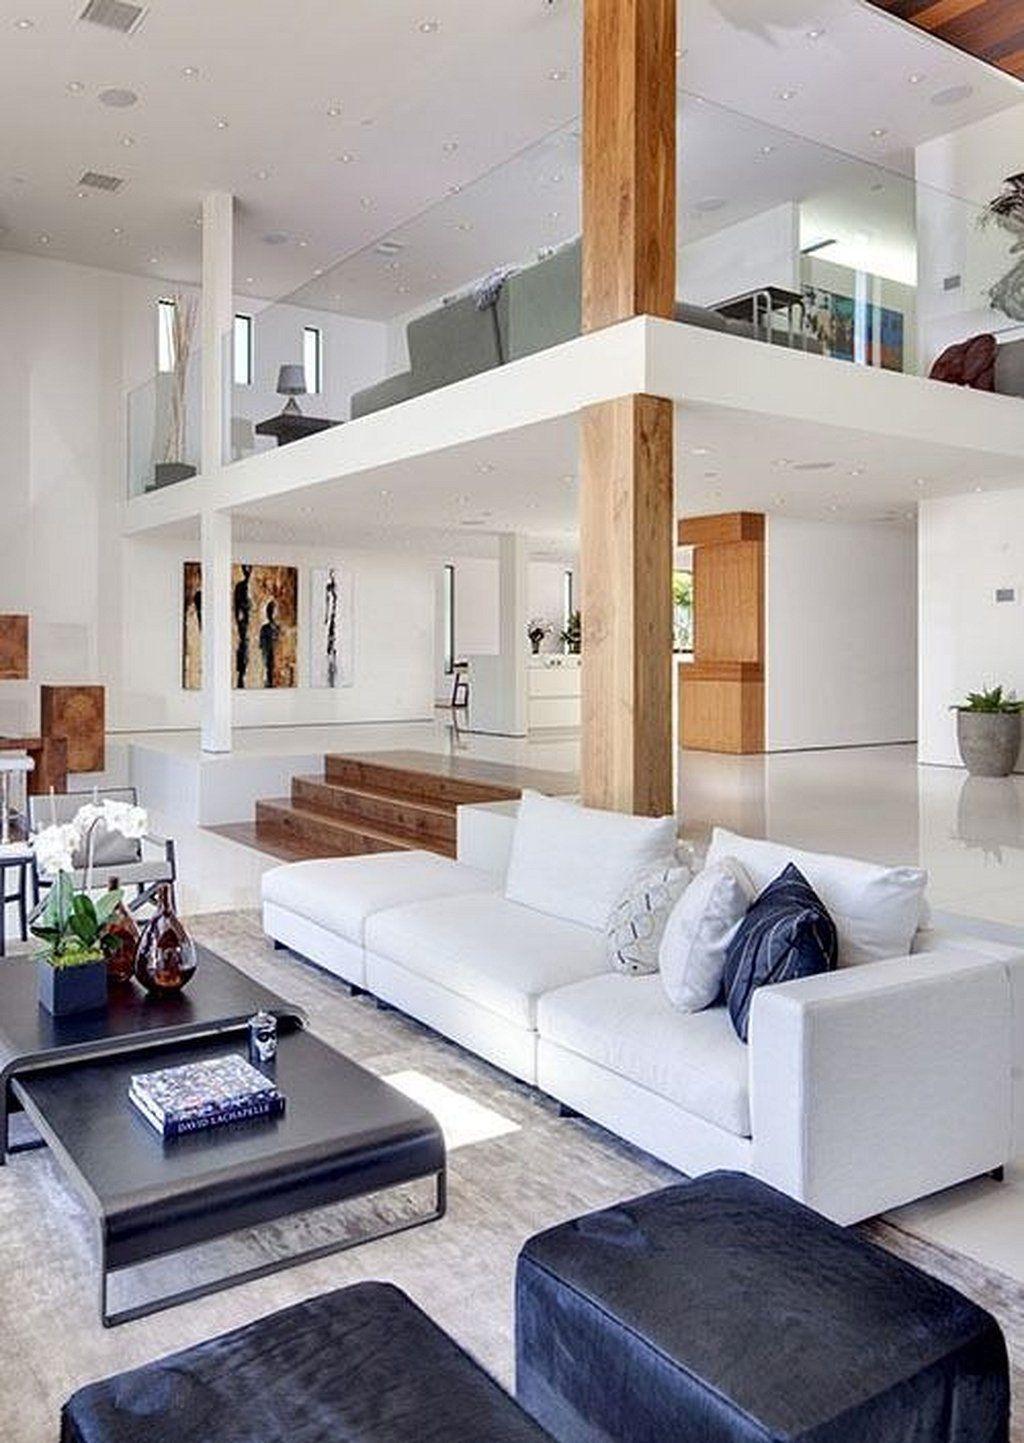 105 Inspiring Examples Of Contemporary Interior Design Https Www Mobmasker Com 105 Inspiri Modern Interior Decor Contemporary Interior Design Interior Design